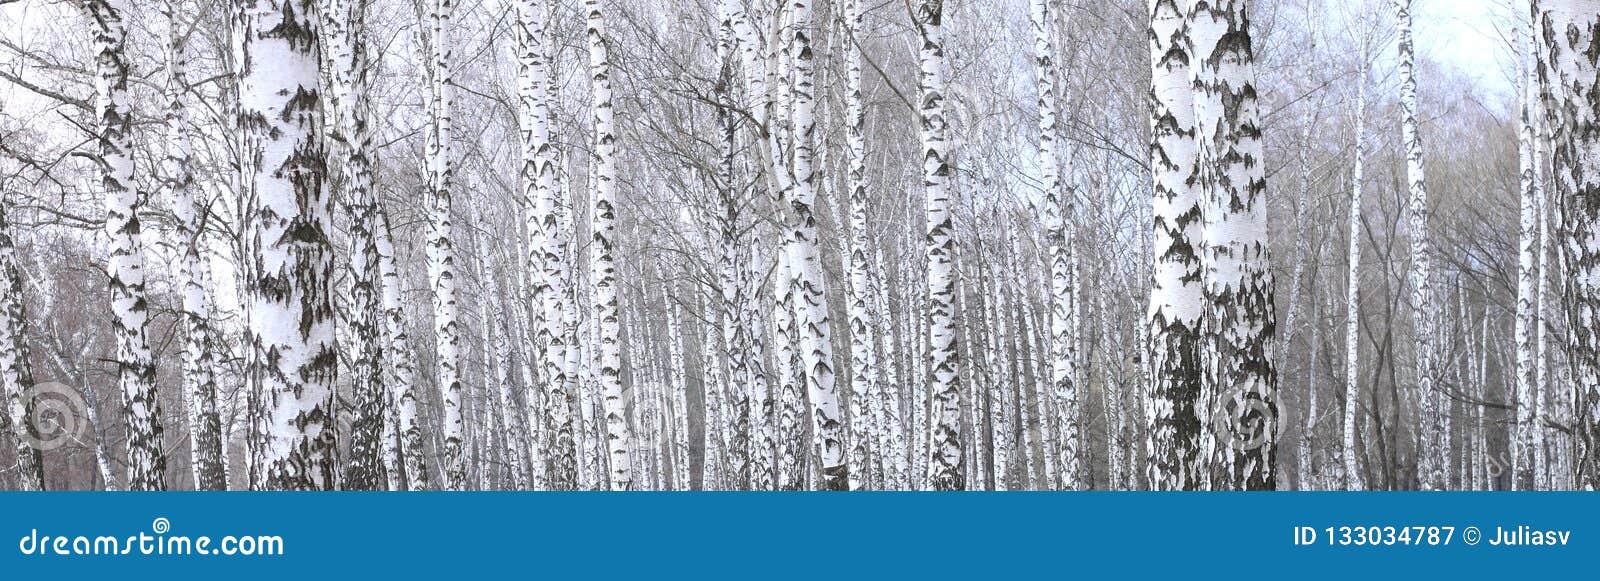 Panoramisches Foto der schönen Szene mit Birken im Herbstbirkenwald im November